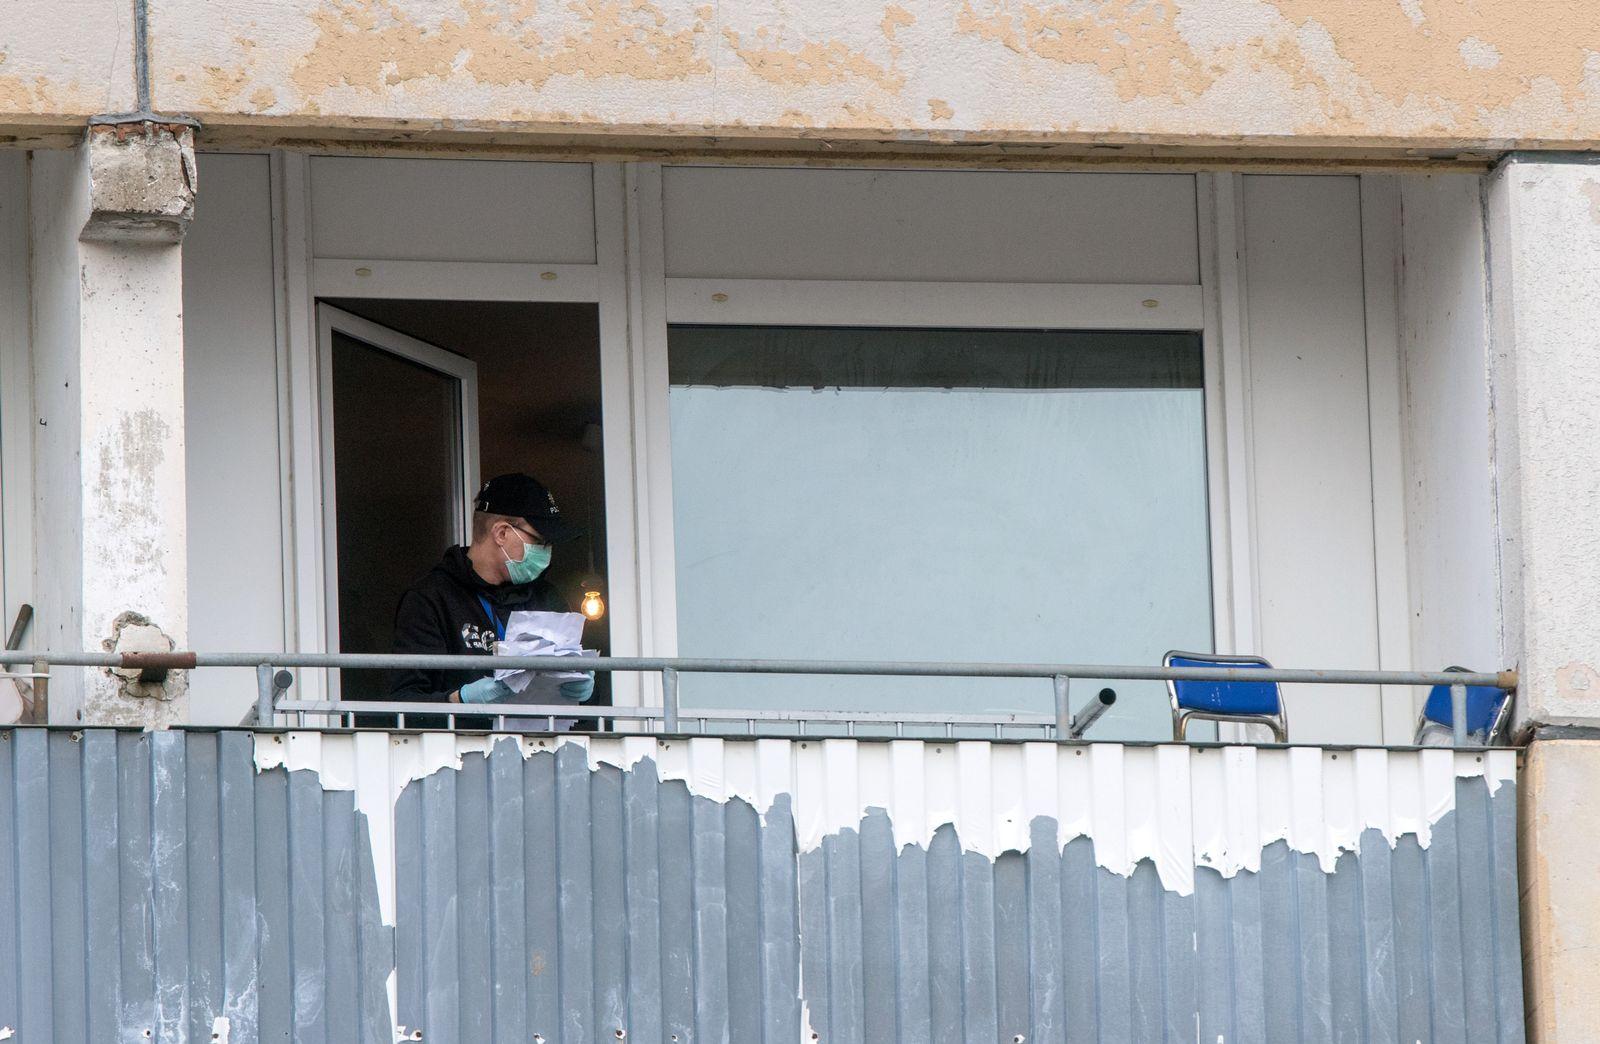 Syrer/ Schwerin/ Terrorverdacht